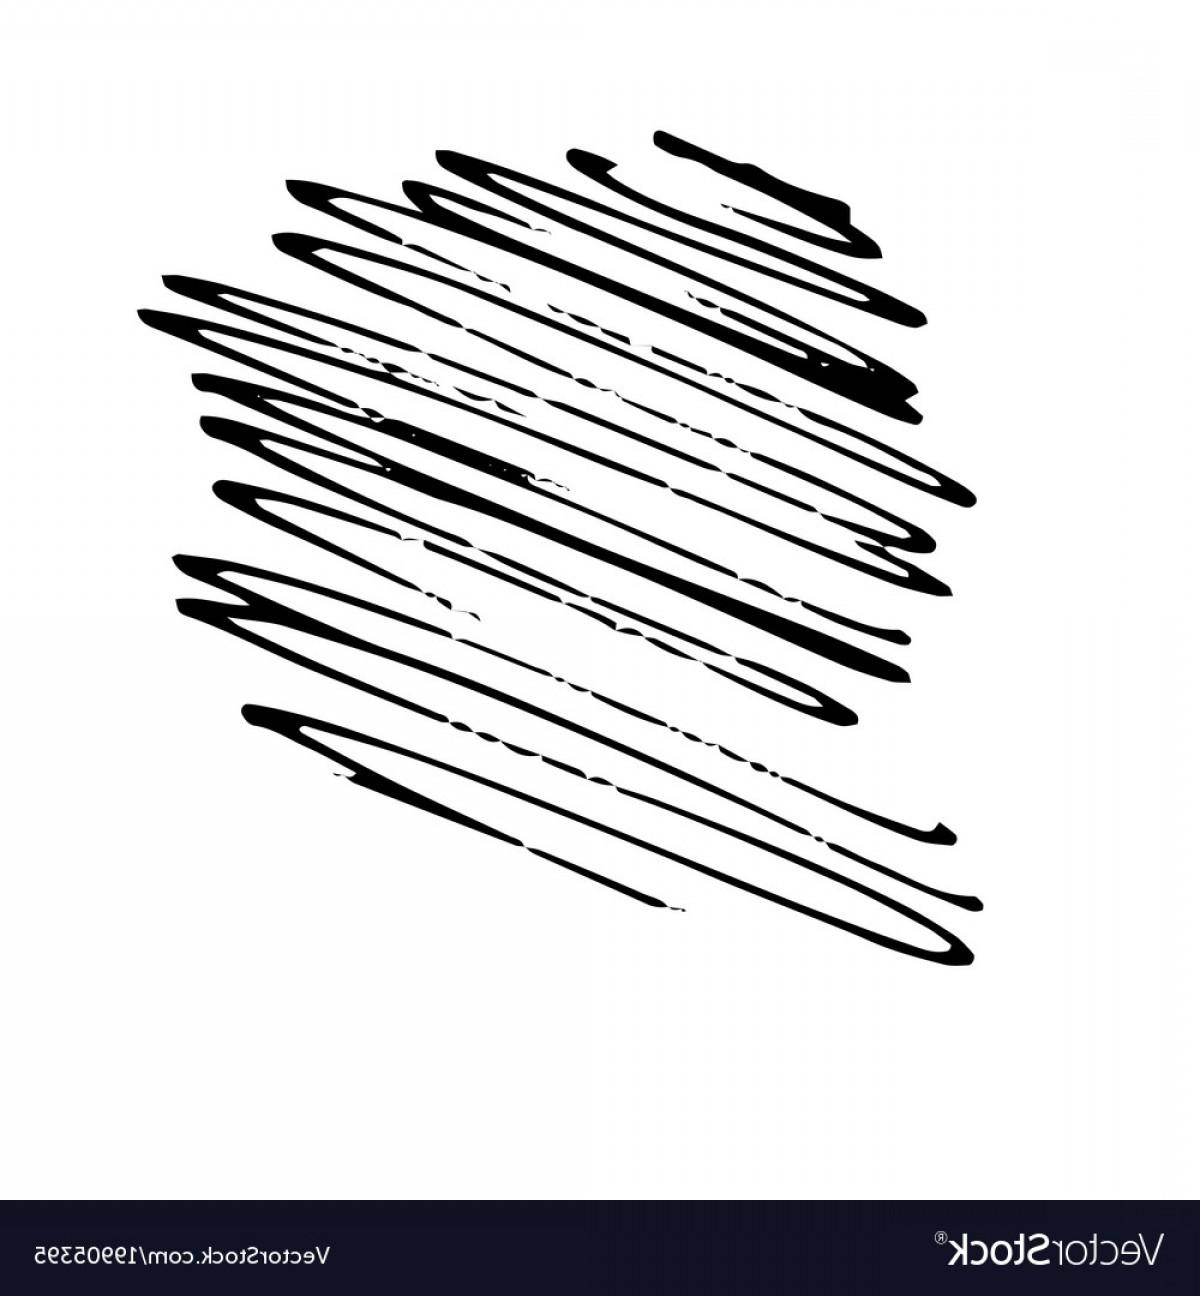 1200x1296 Grunge Ink Pen Stroke Vector Shopatcloth